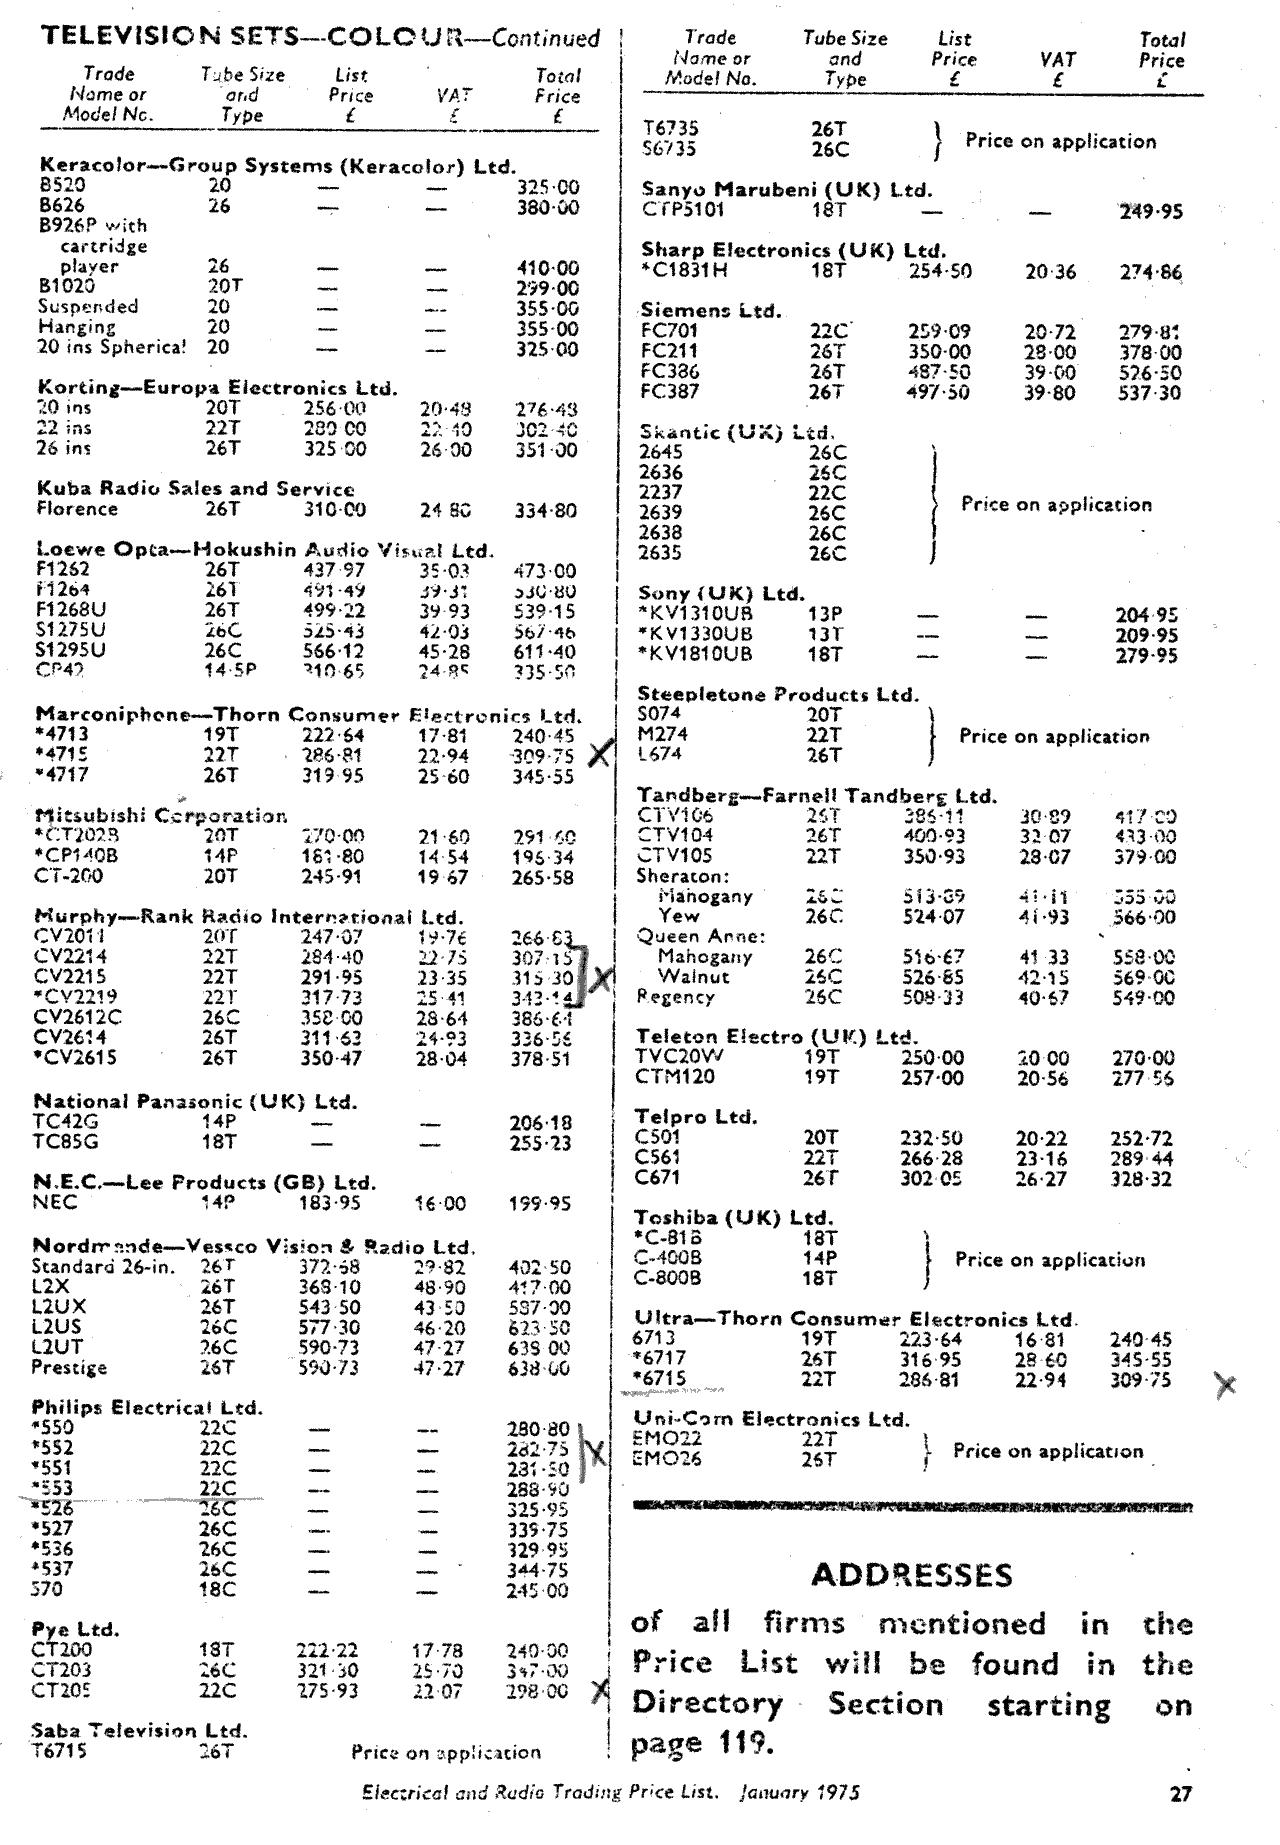 ERT_1975_b